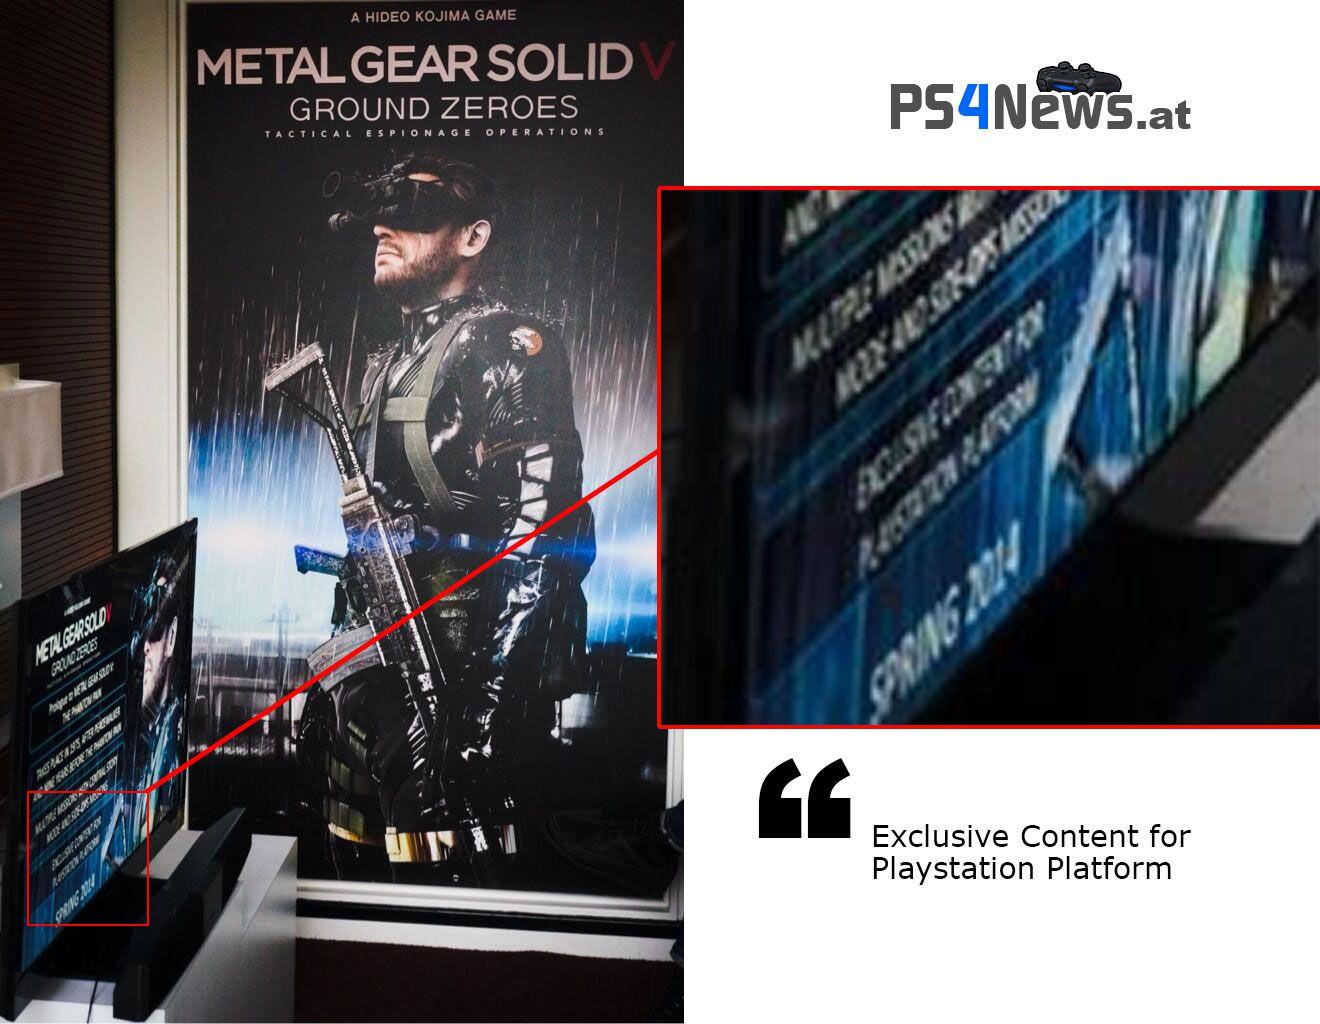 Metal Gear Solid 5 scheinbar mit exklusiven Inhalten für die PlayStation Plattform